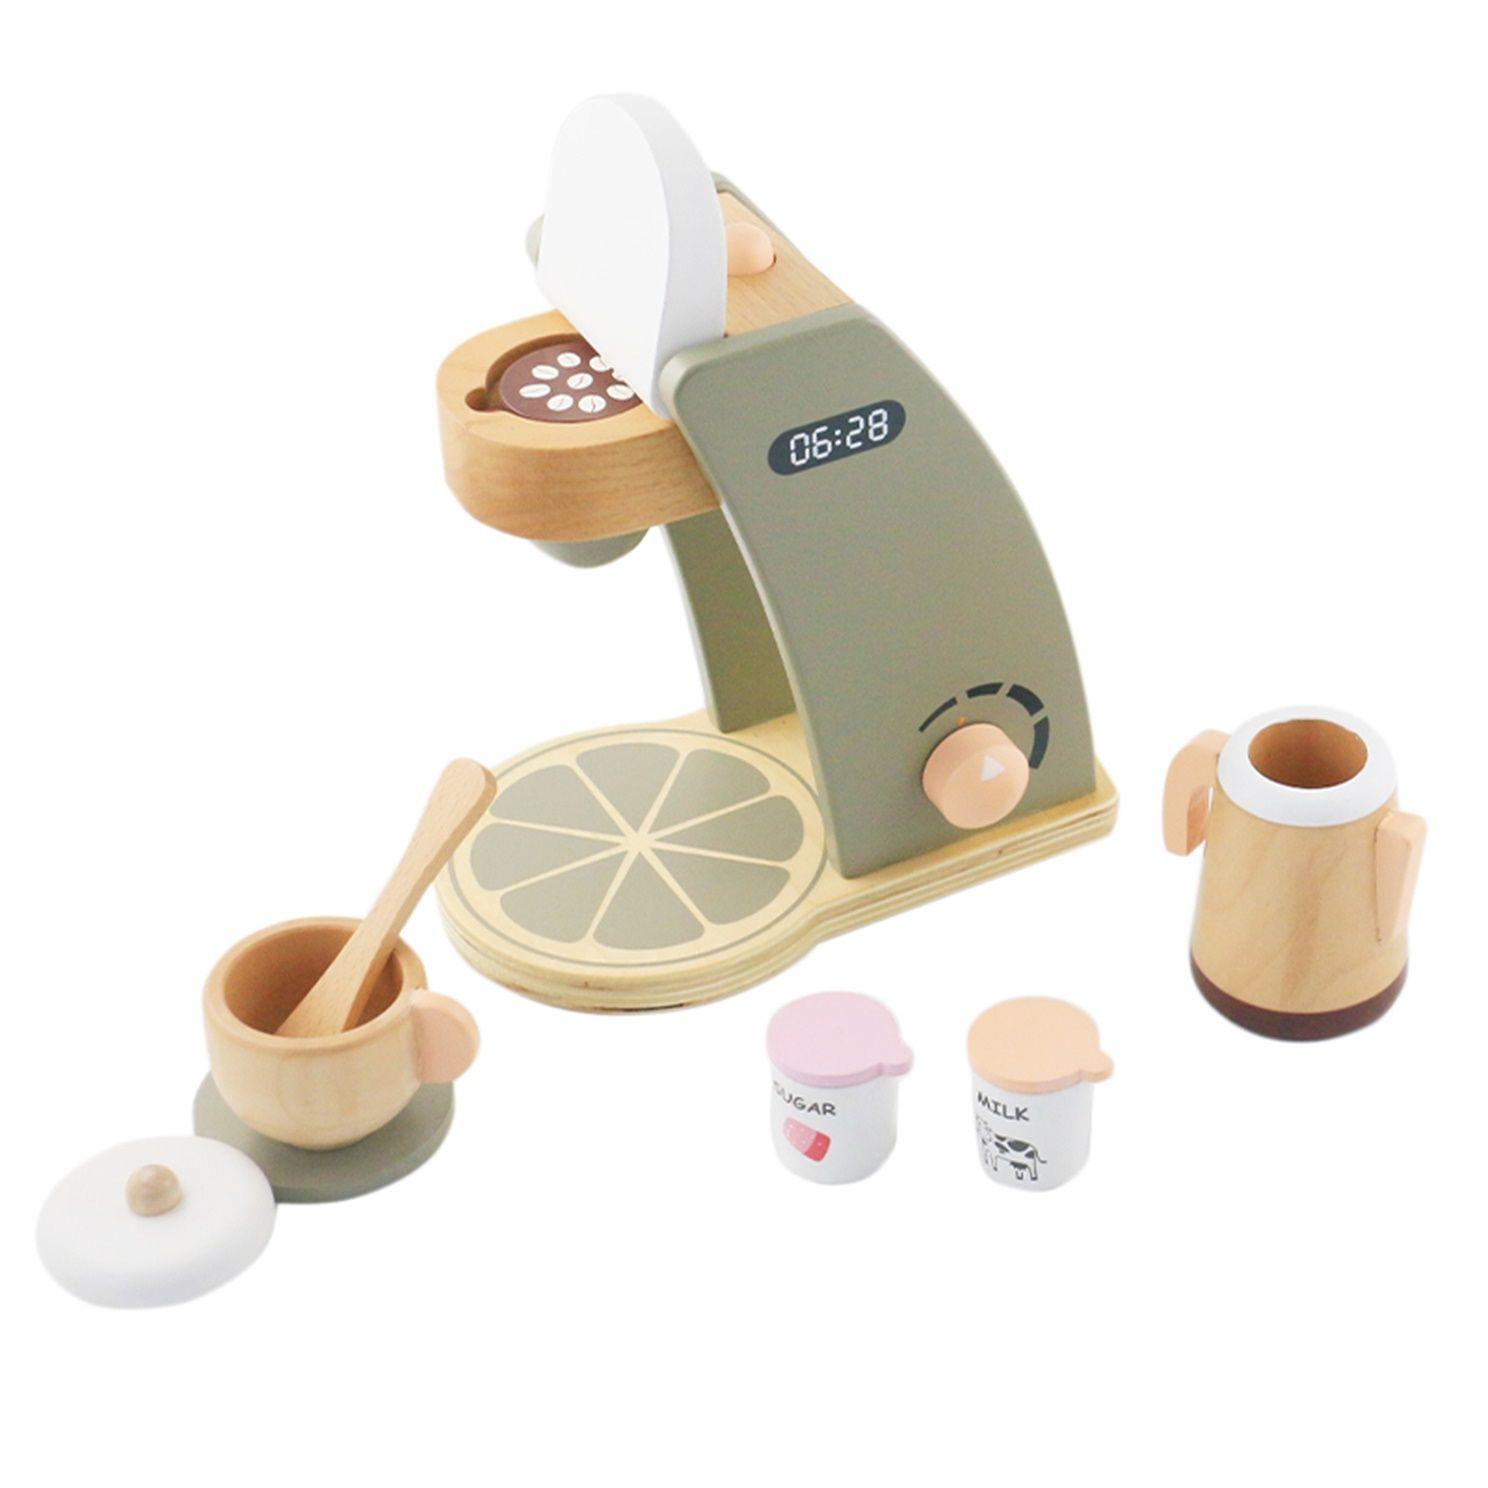 خشبية لعب اطفال آلة القهوة للأطفال والأطفال مطابخ وتلعب الأغذية اللعب بتقمص الأدوار واللباس متابعة